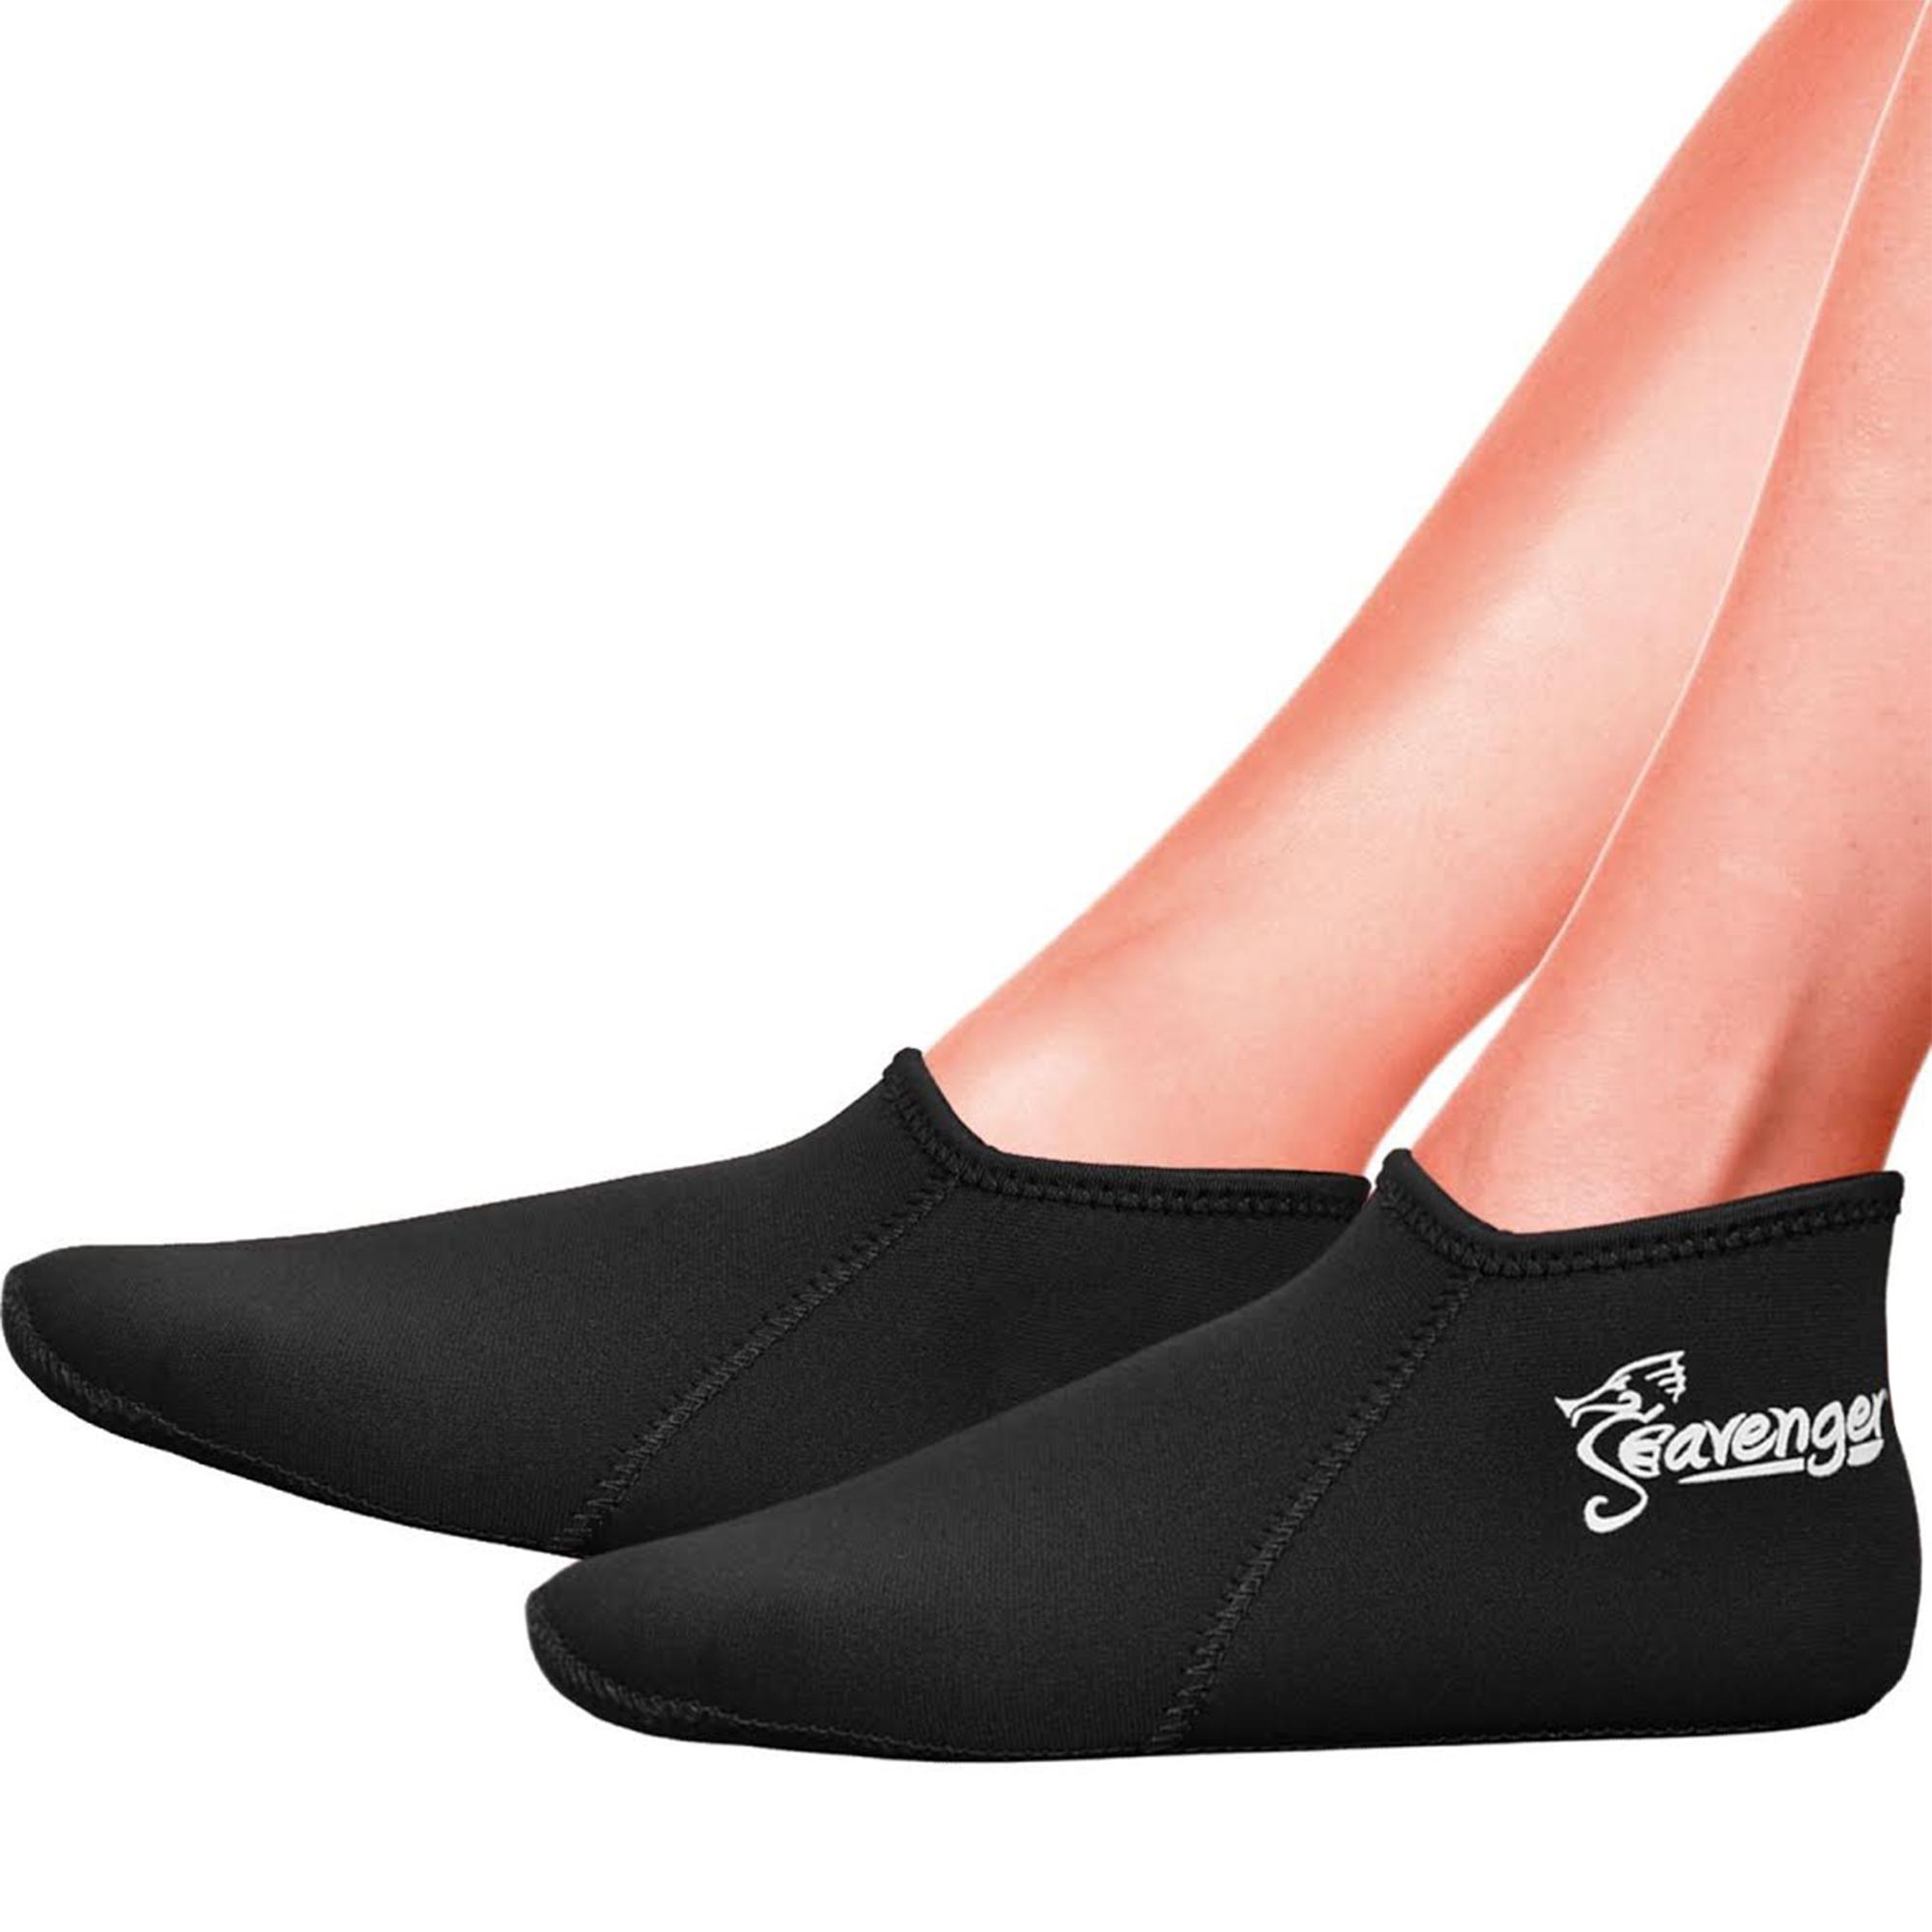 Seavenger 3mm Neoprene Socks for Scuba Diving, Snorkeling, Swimming & All Water Sports (Blue, Large)